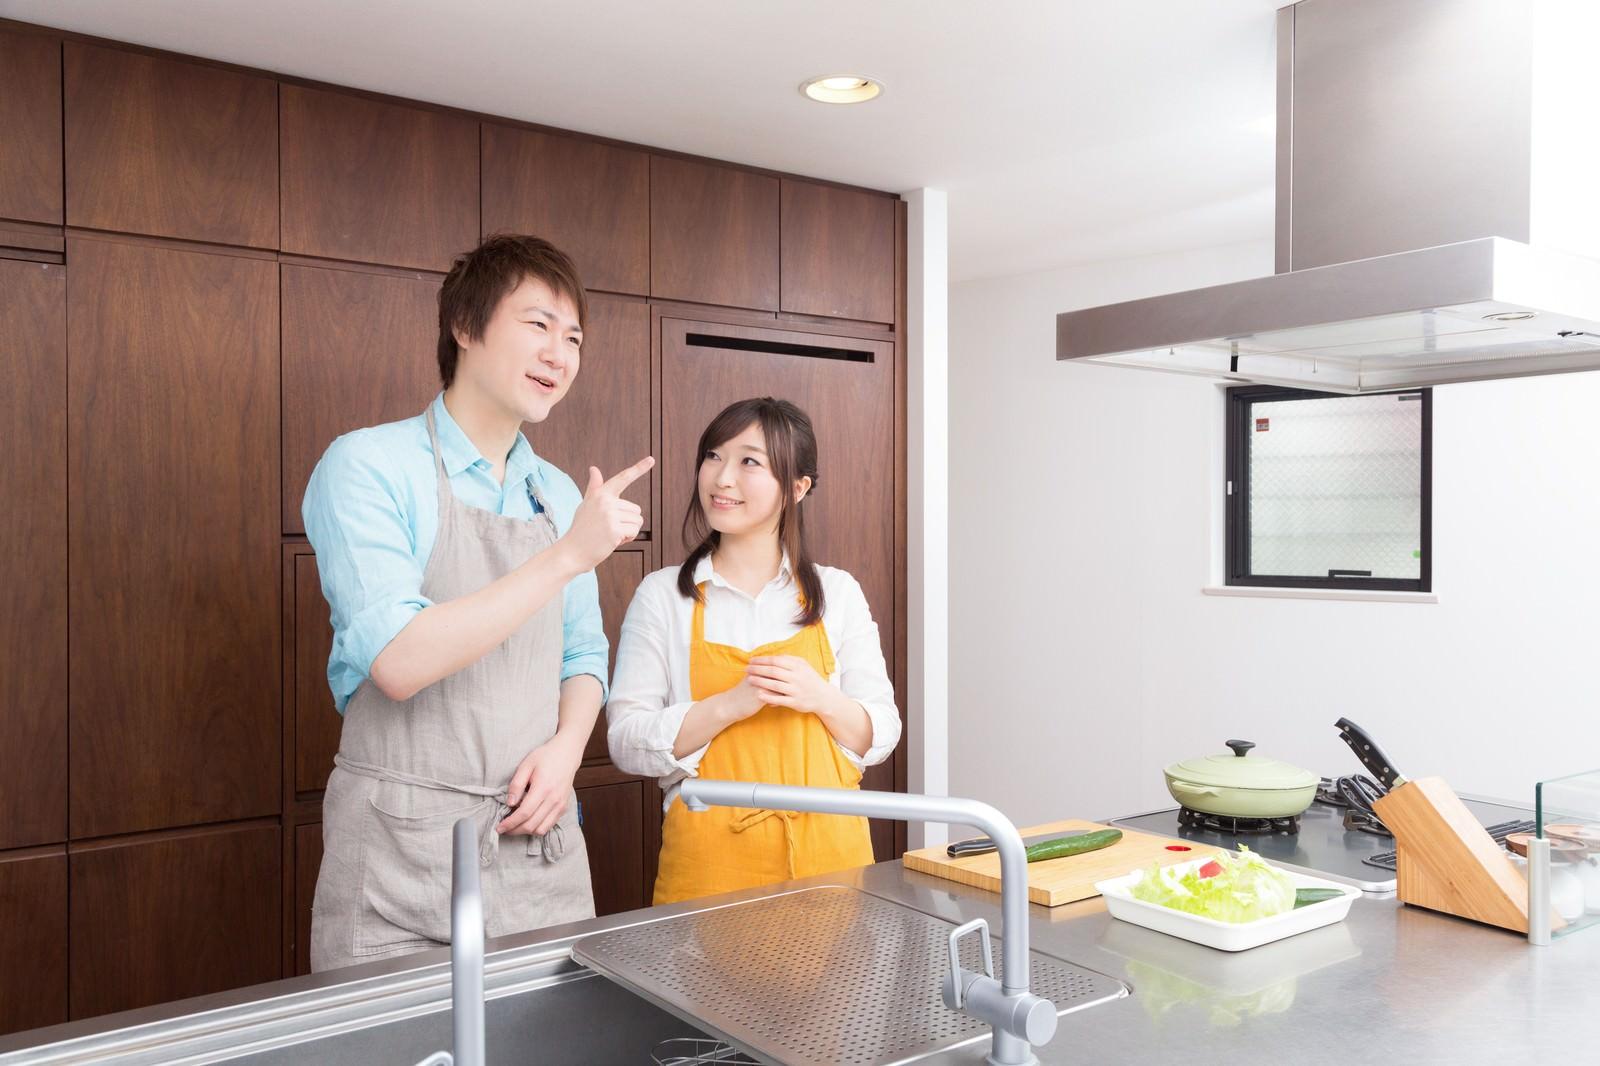 「昼のダイエット食特集で約一年ぶりにキッチンに立つ主人」の写真[モデル:五十嵐夫妻]